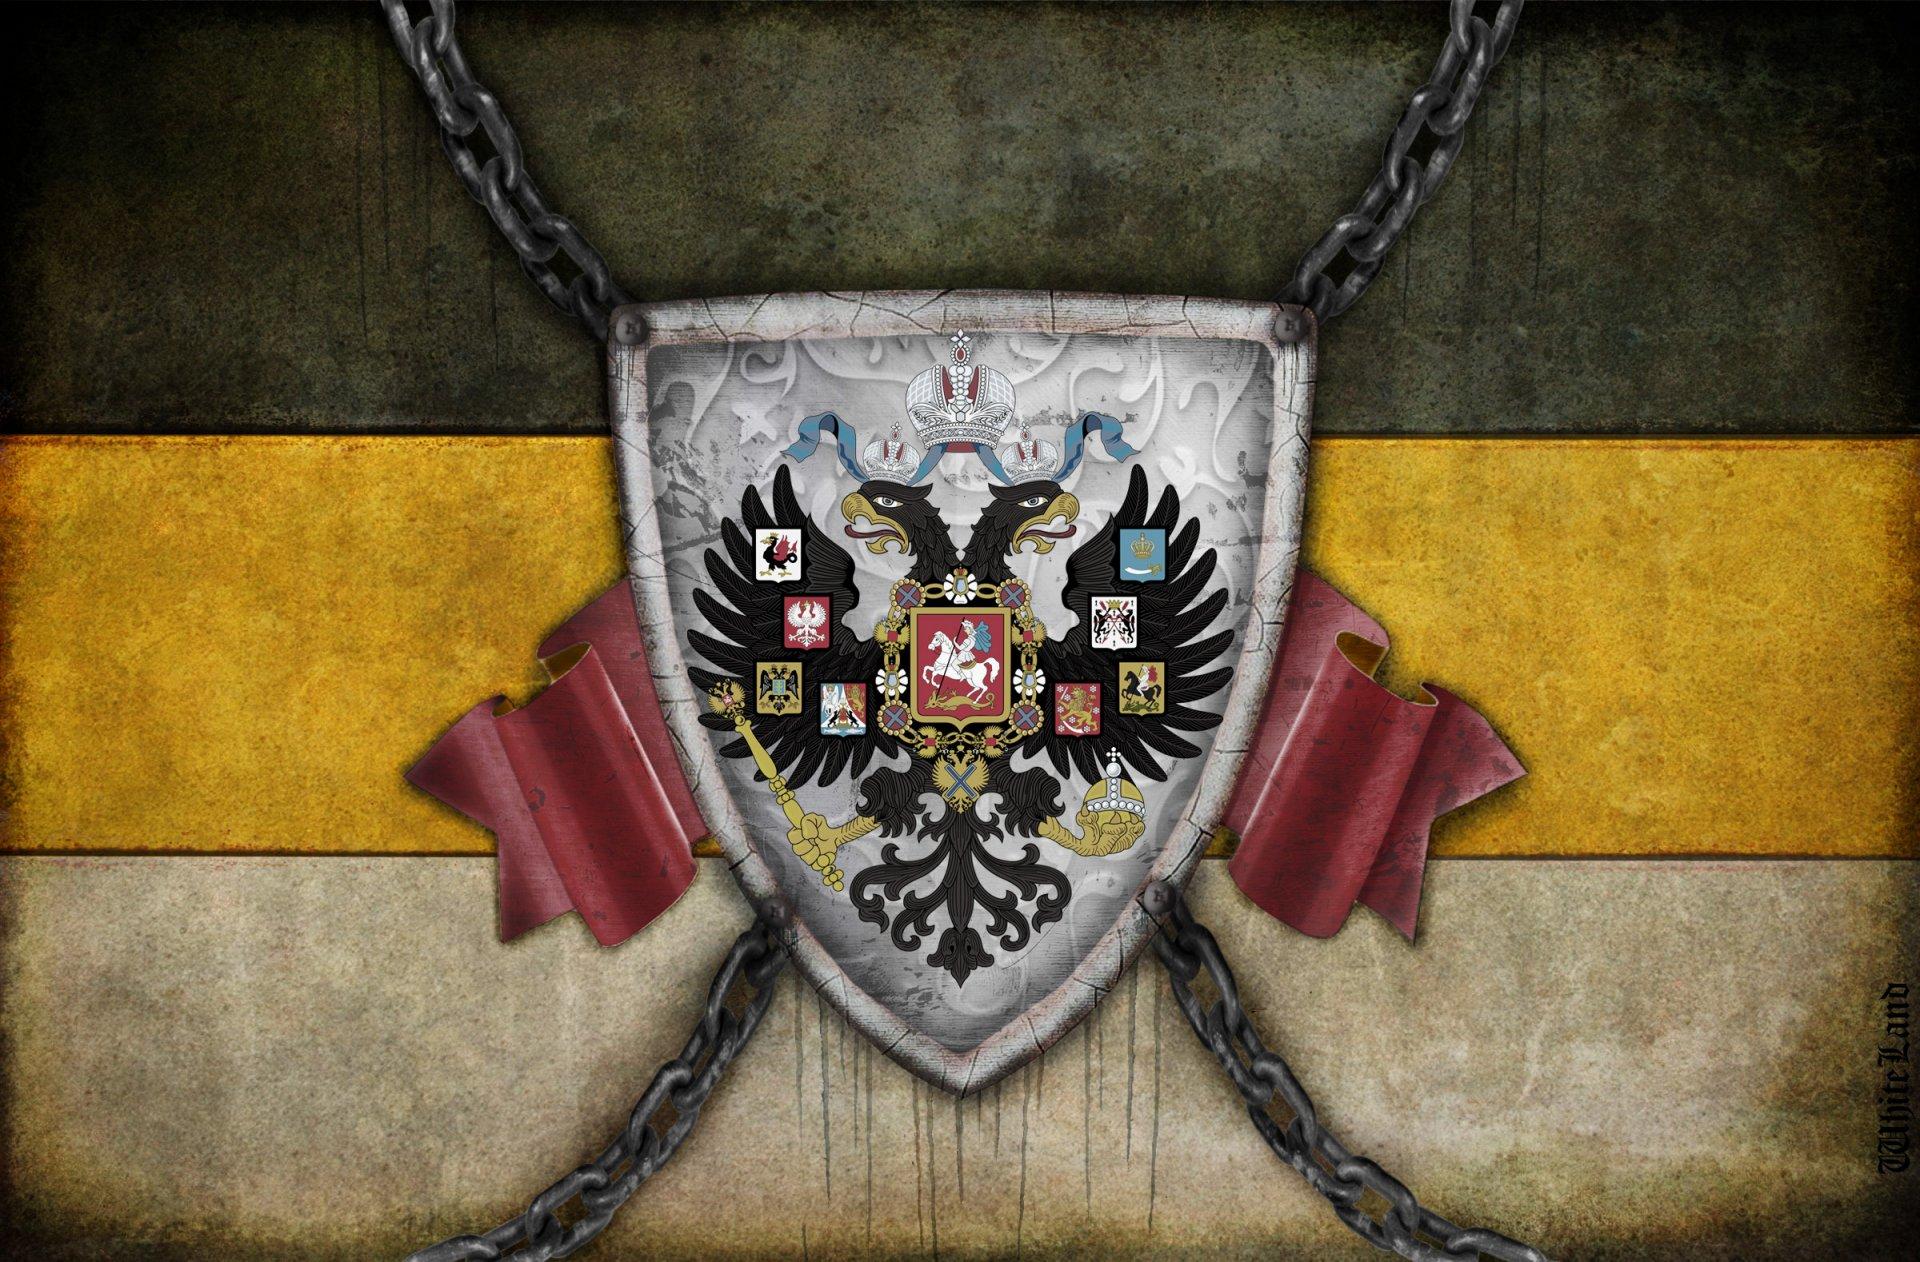 лавочки, картинки на айфон имперский флаг сплита, его